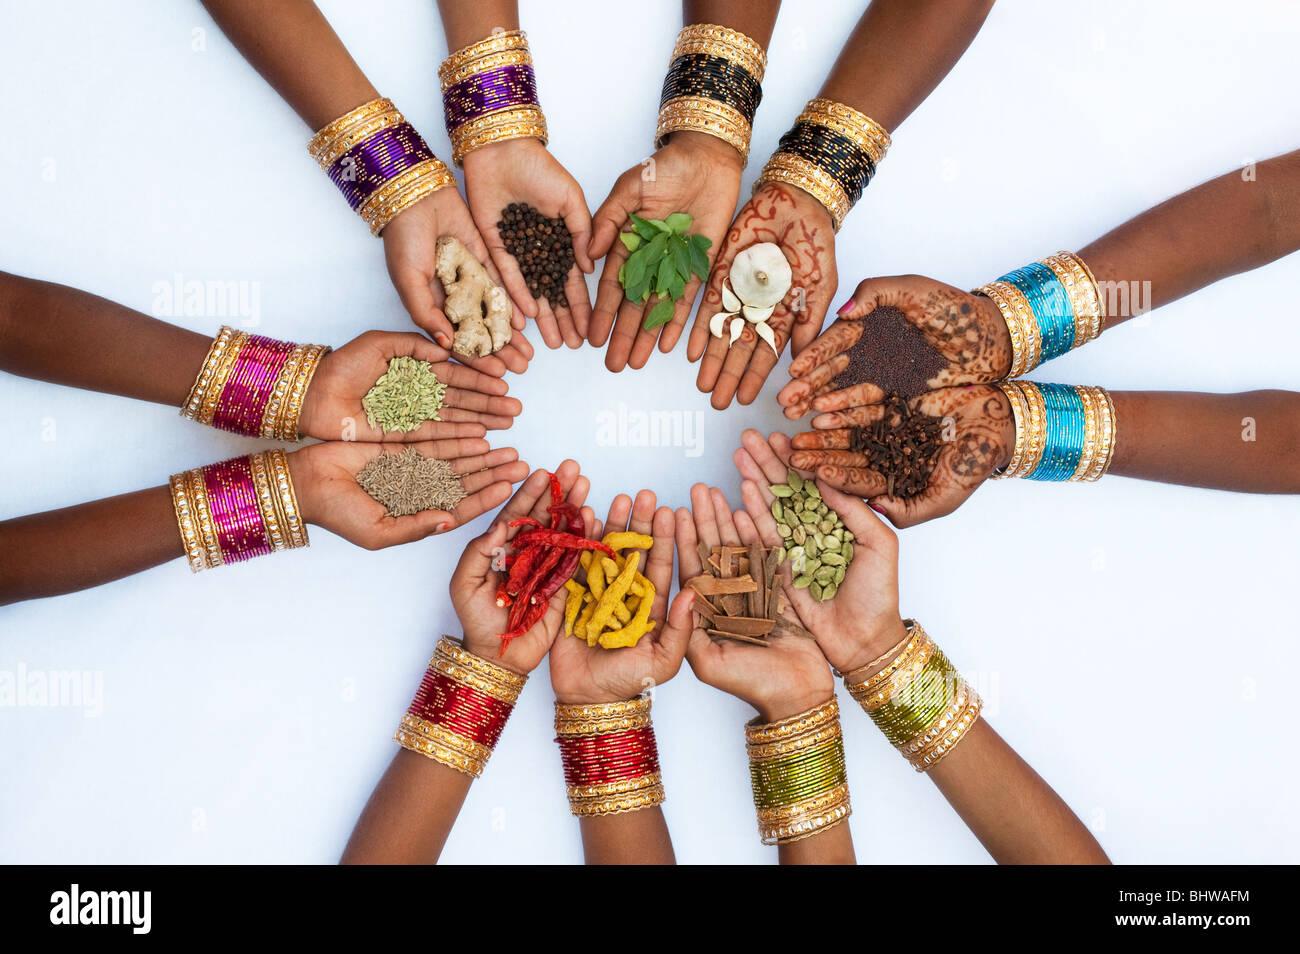 Bambini indiani tenendo le mani varie cottura indiana spezie su sfondo bianco Immagini Stock